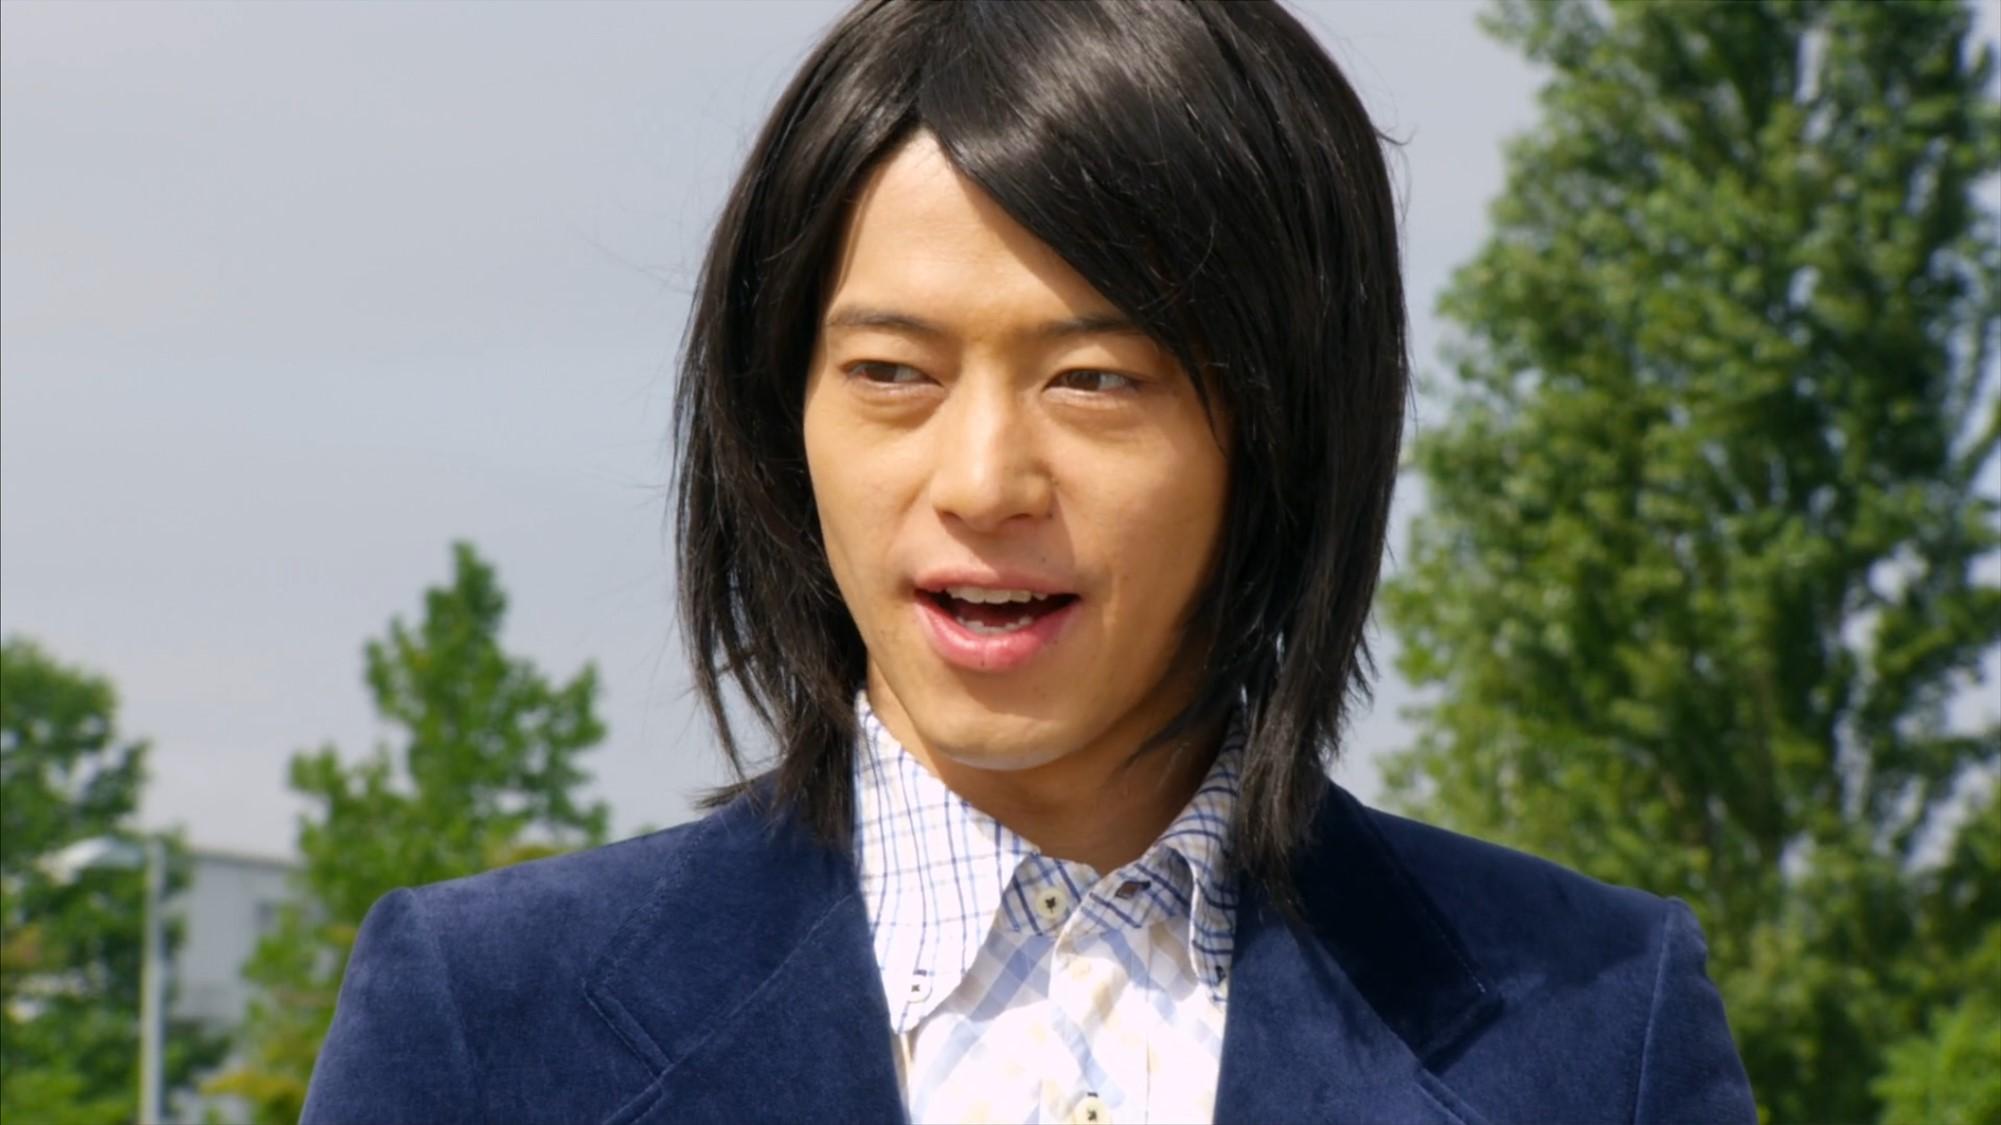 Shinya Tsukouchi